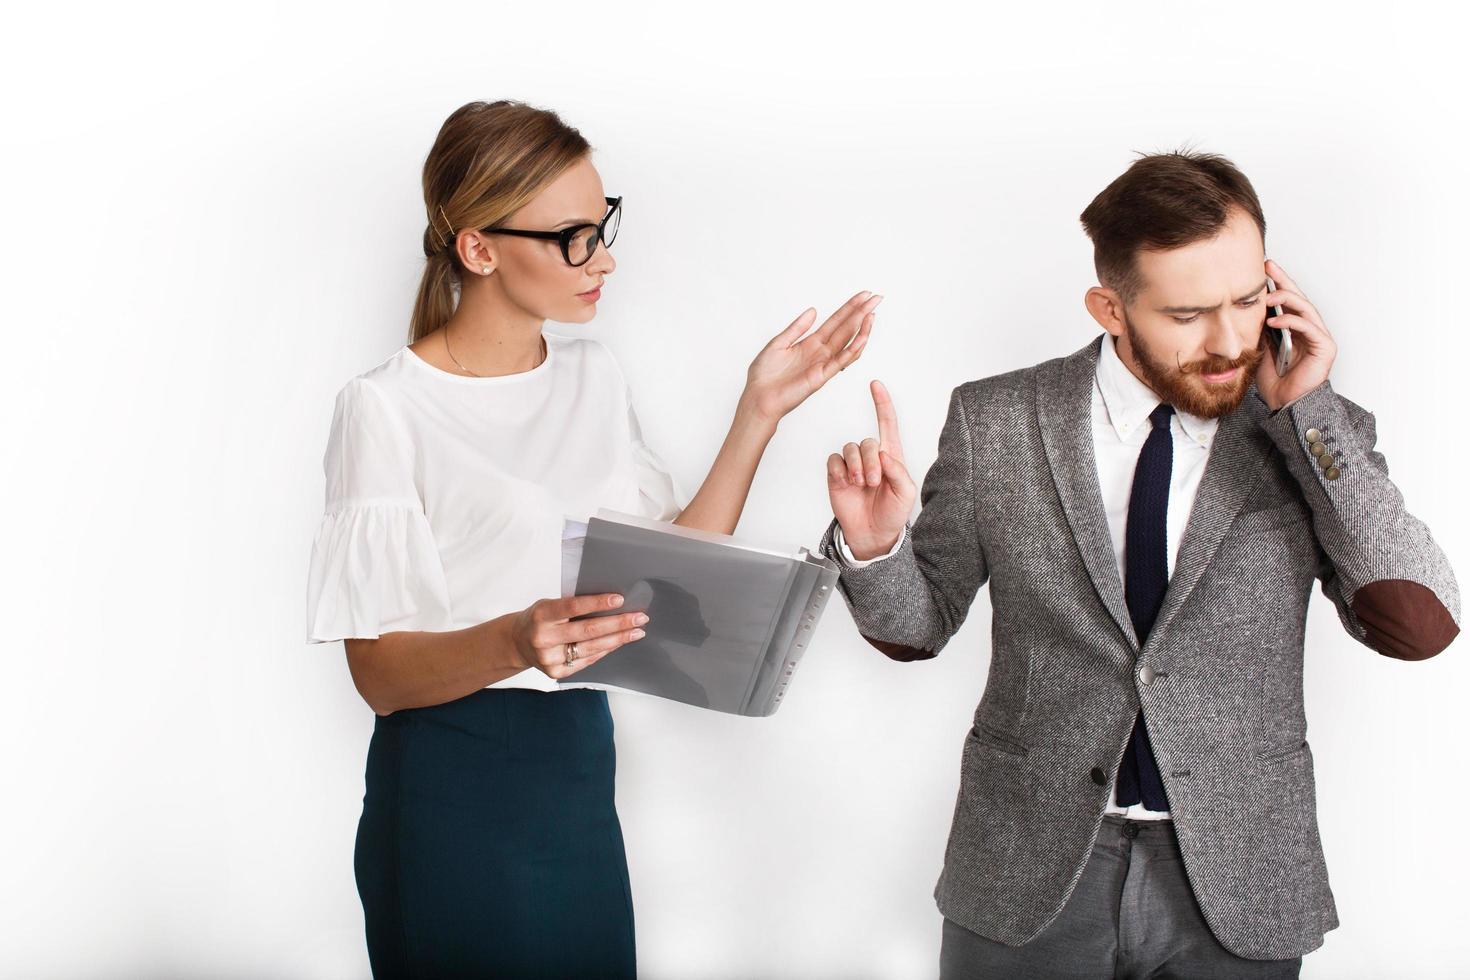 l'homme parle au téléphone pendant que la femme essaie d'expliquer quelque chose photo